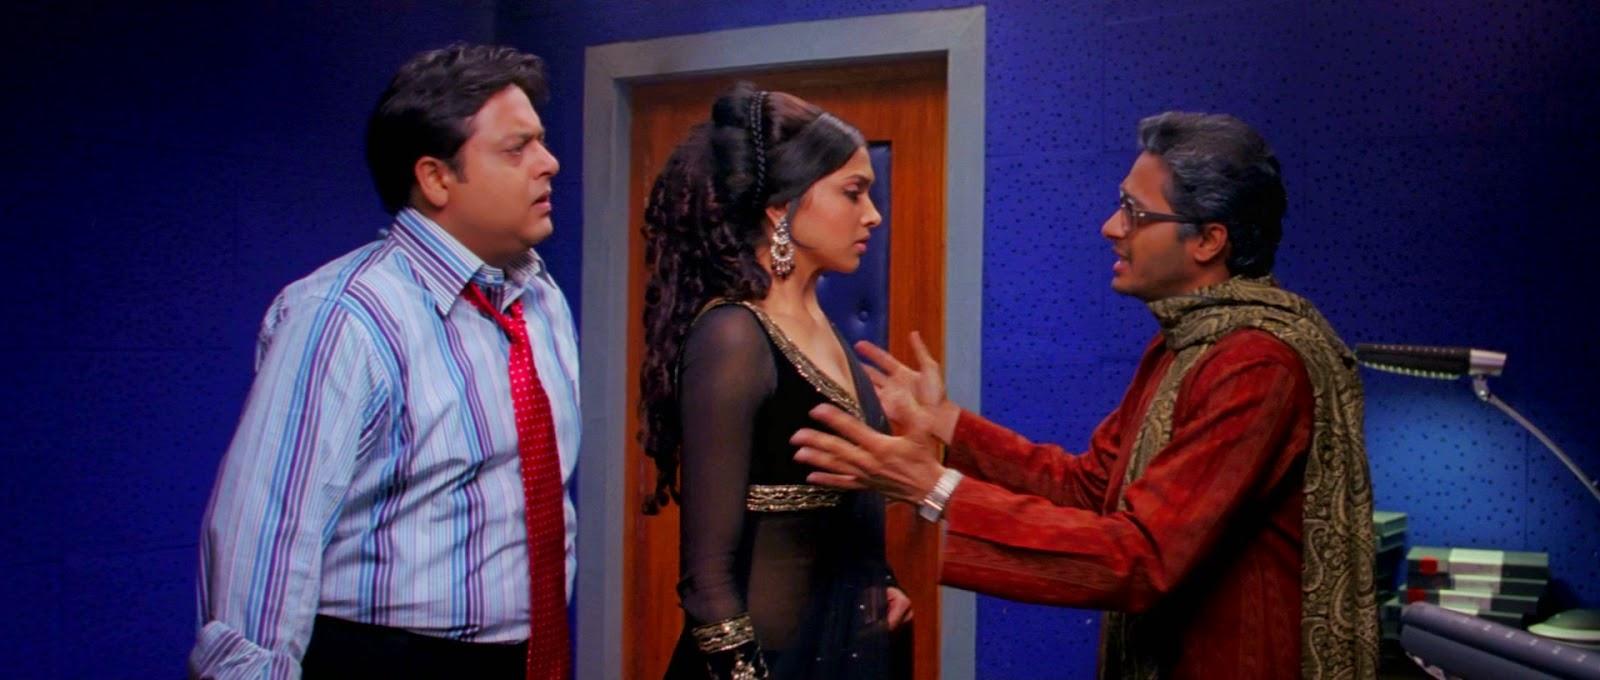 Om Shanti Om (2007) S3 s Om Shanti Om (2007)